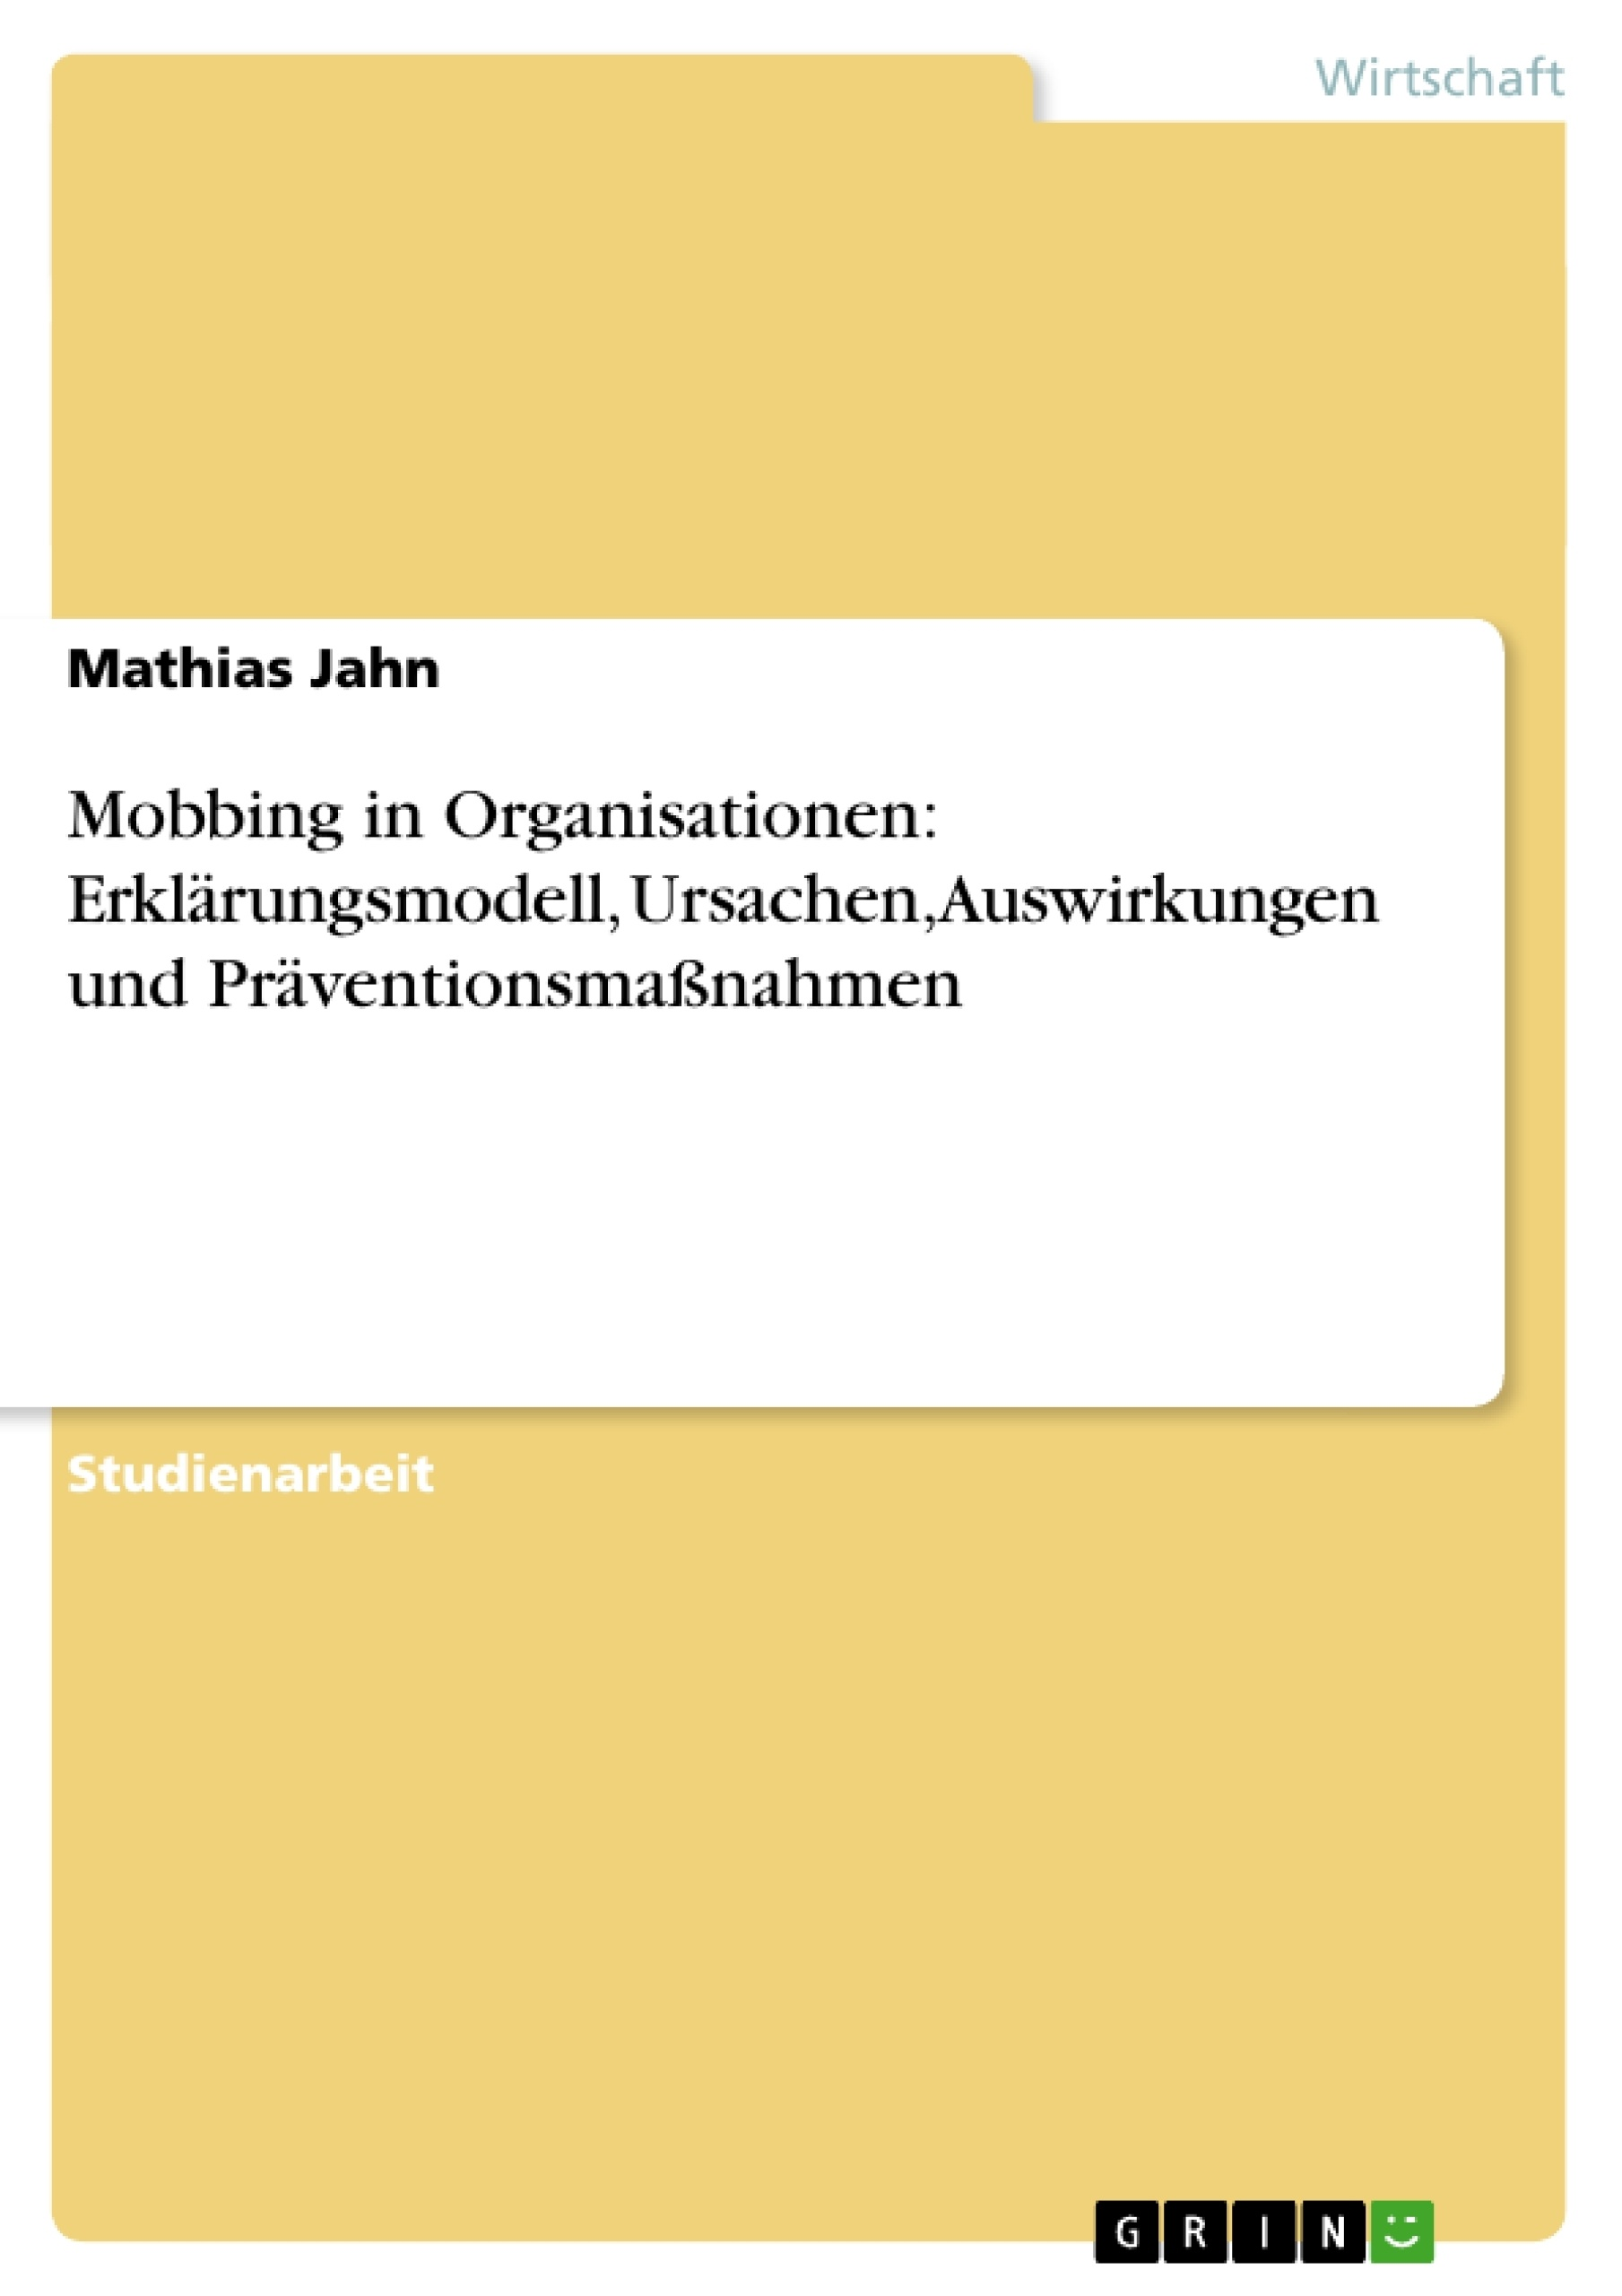 Titel: Mobbing in Organisationen: Erklärungsmodell, Ursachen, Auswirkungen und Präventionsmaßnahmen